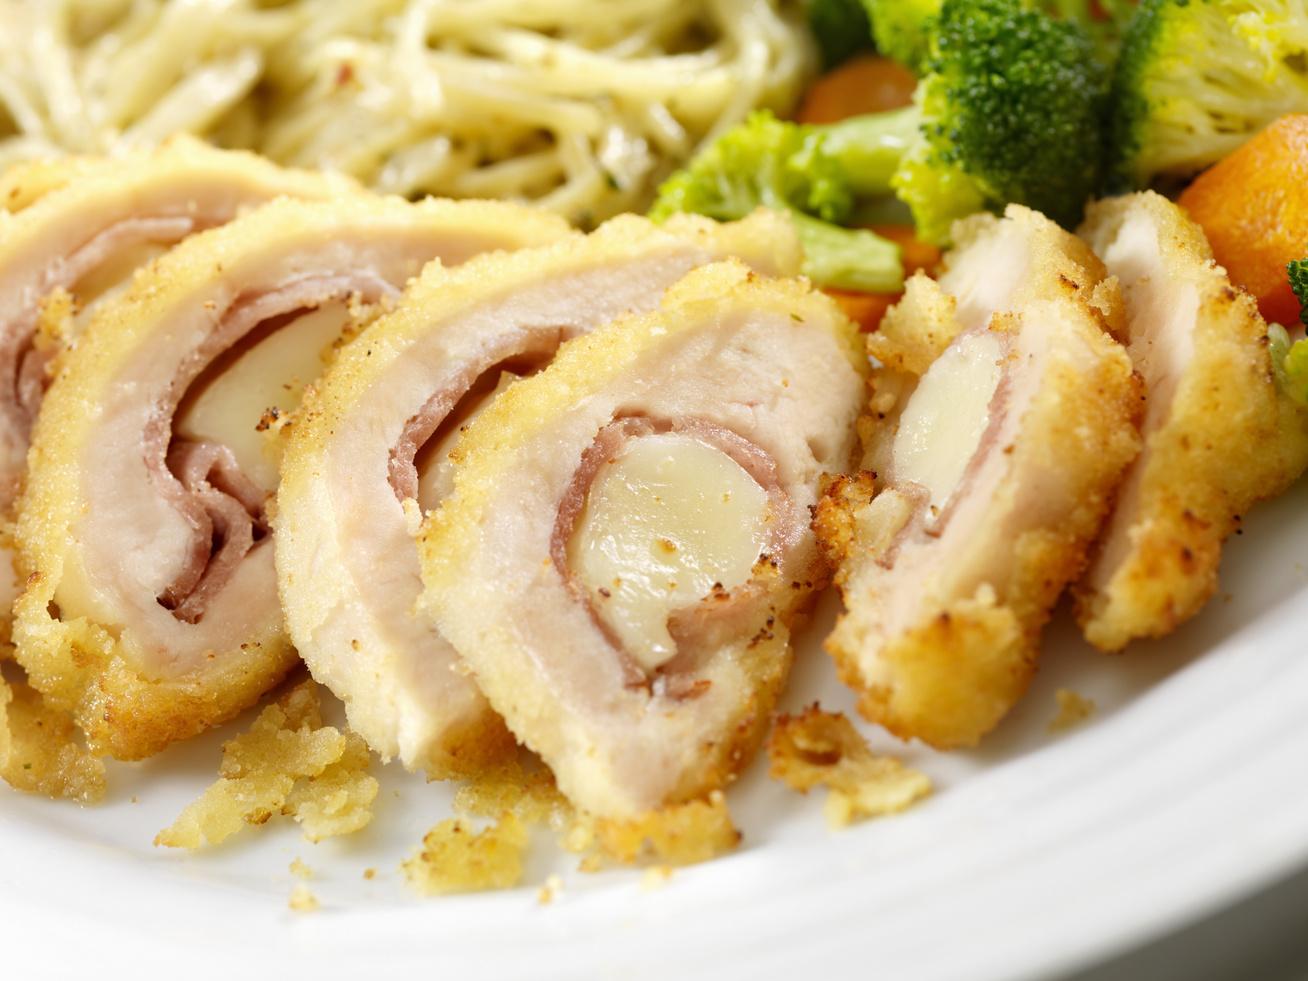 sajttal-sonkaval-toltott-csirkemell